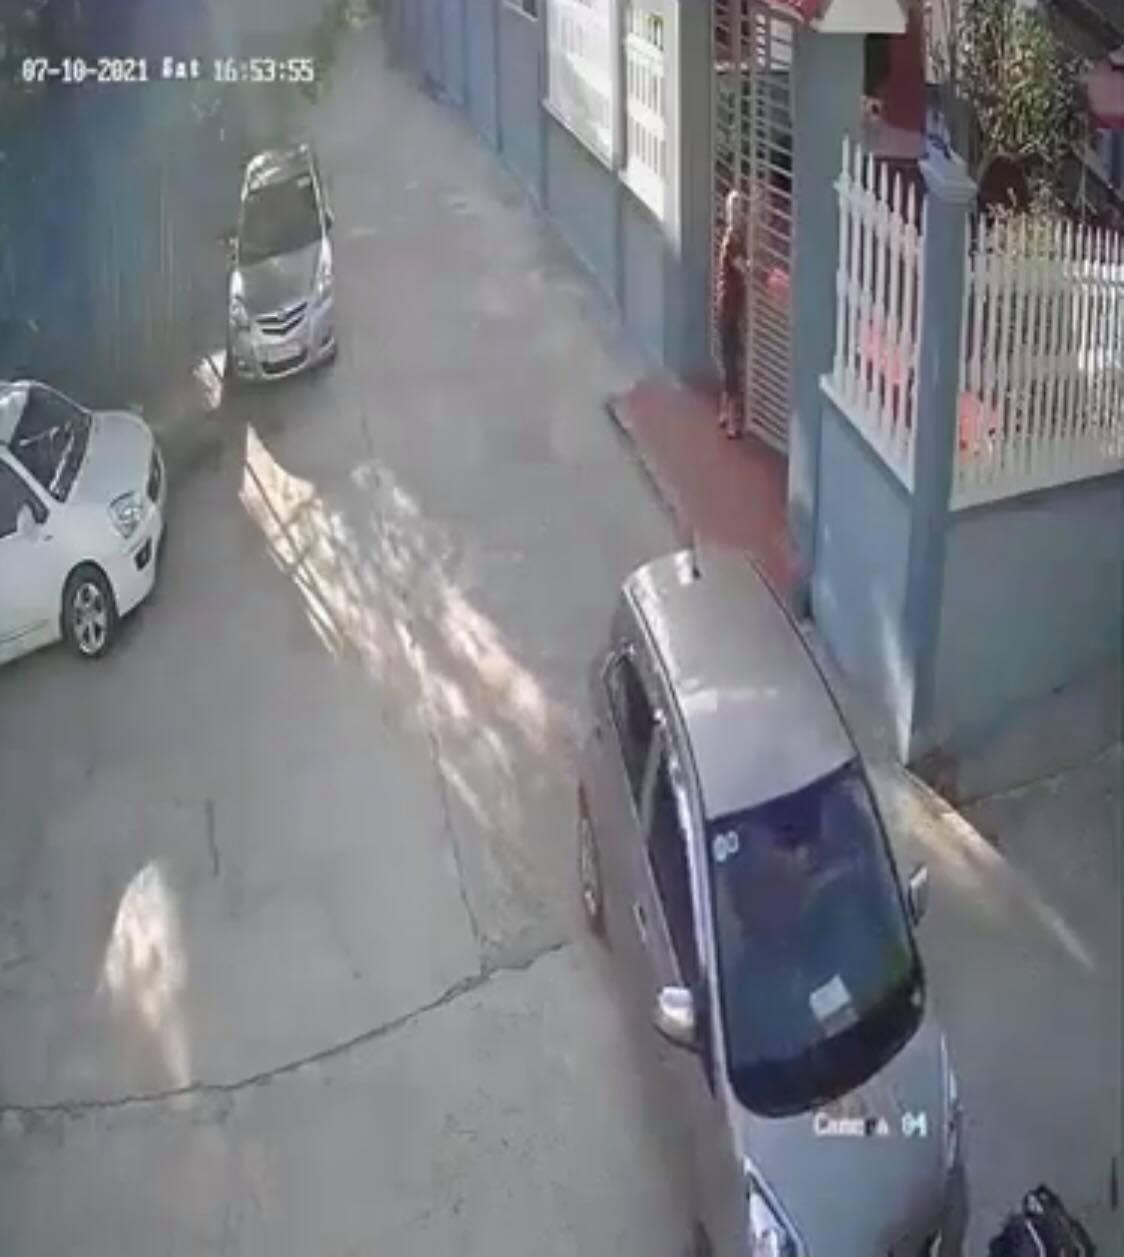 Rơi trúng 'điểm mù', người phụ nữ lộn vòng trước đầu ôtô khiến ai nấy khiếp vía và cái kết bất ngờ - Ảnh 5